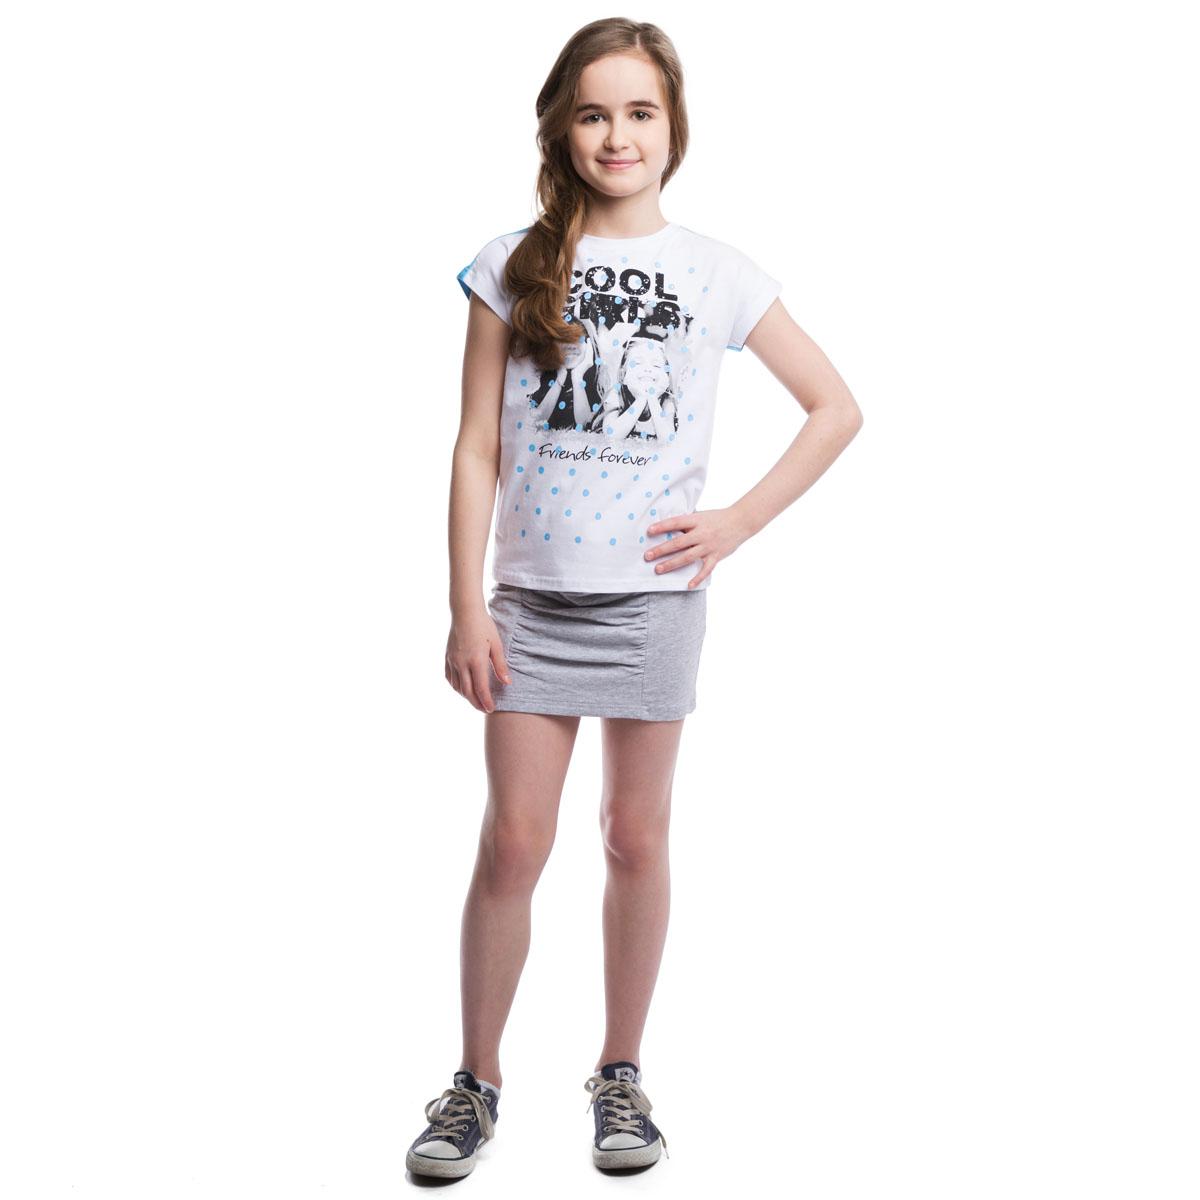 264014Мягкая хлопковая футболка с трикотажной резинкой на воротнике. Спереди белая, сзади - голубая. Цельнокройный рукав обеспечивает дополнительное удобство. Модель оформлена стильным принтом.